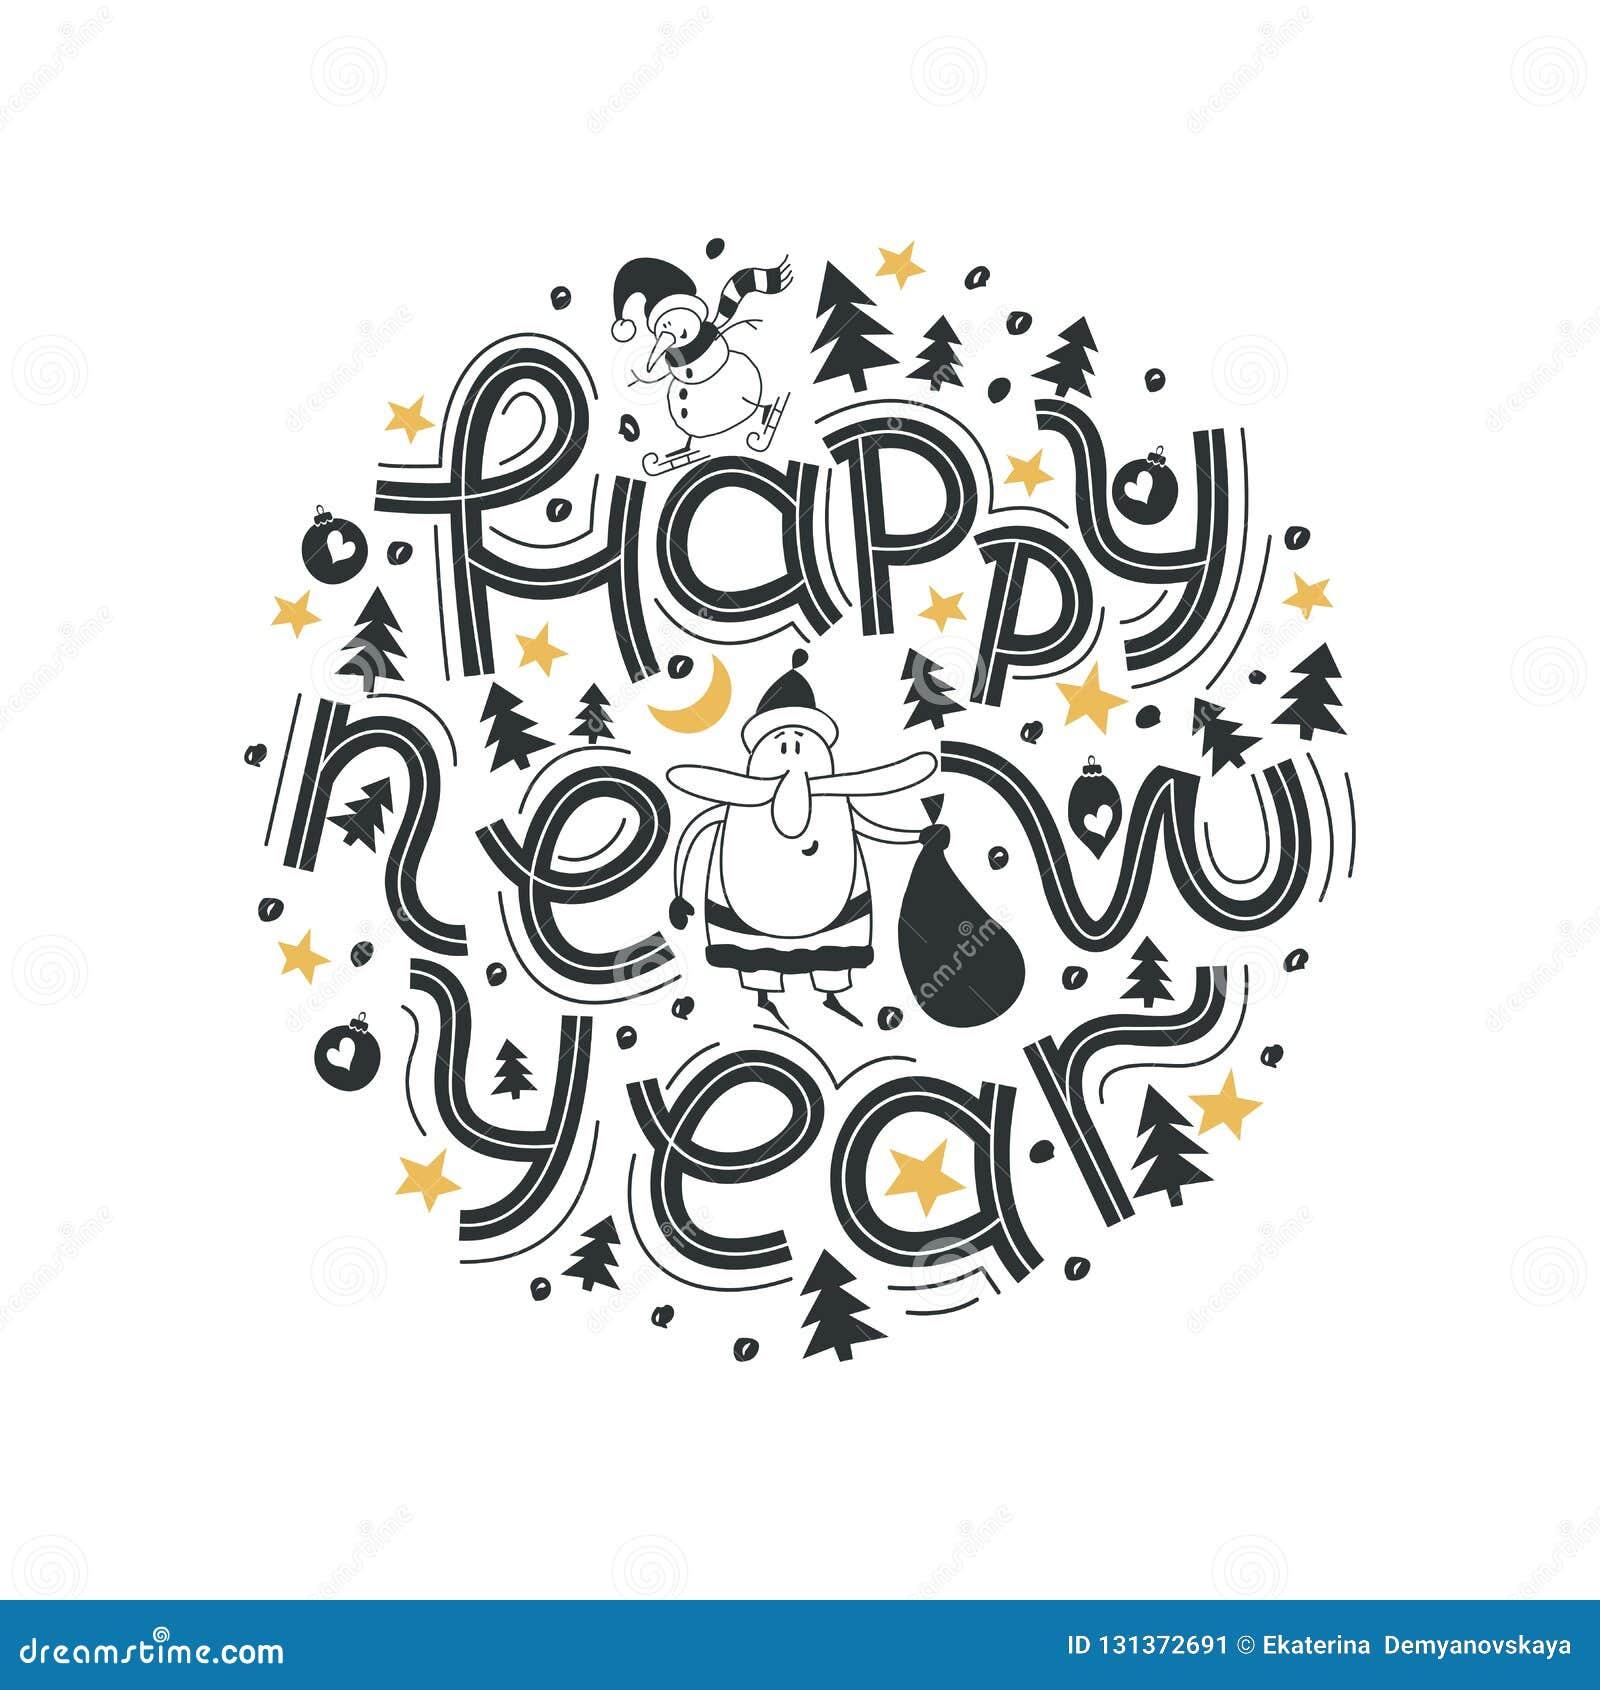 Feliz Año Nuevo Poniendo Letras A La Frase Feliz Y Brillante